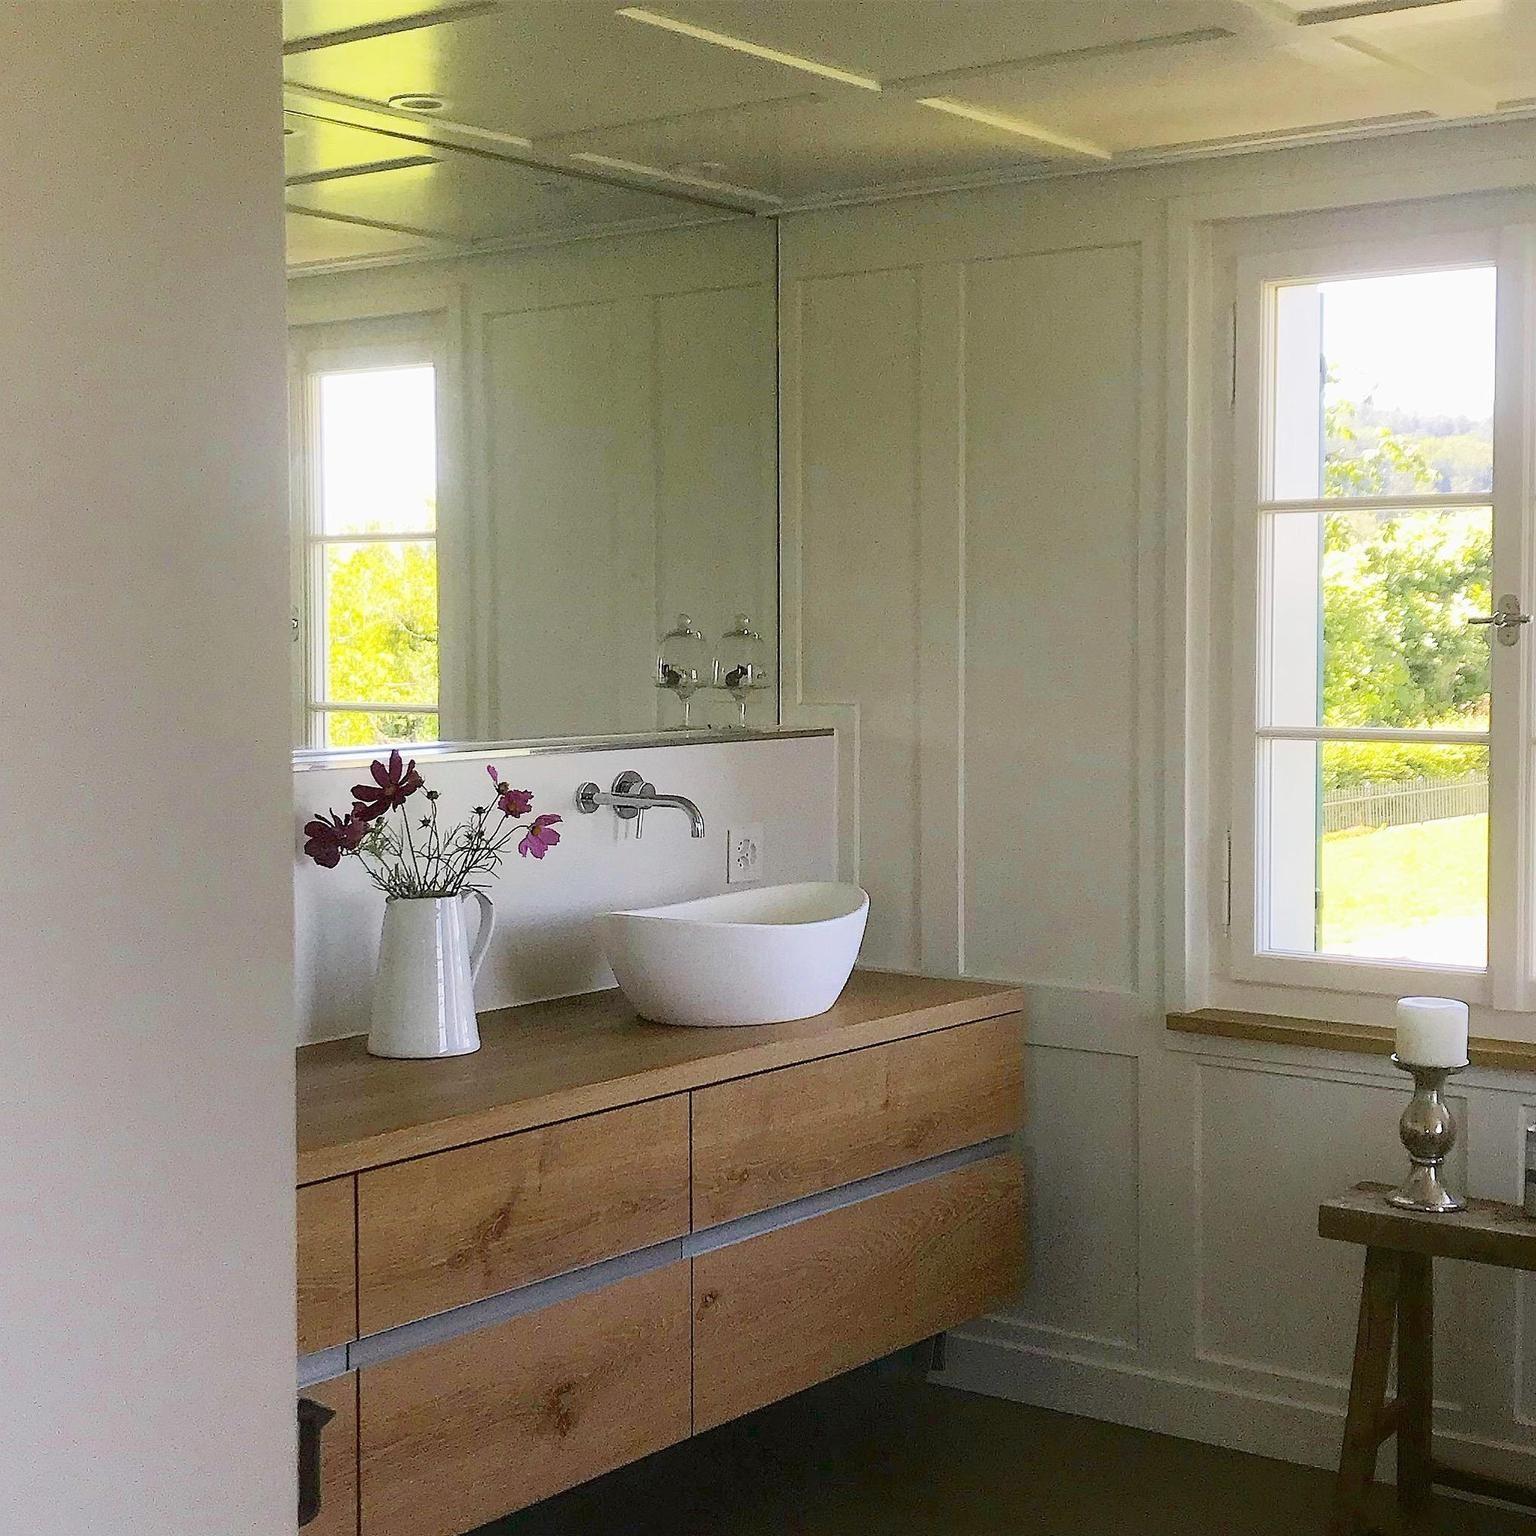 Ein Wunderschones Badezimmer In Einem Bauernhaus In Der Schweiz